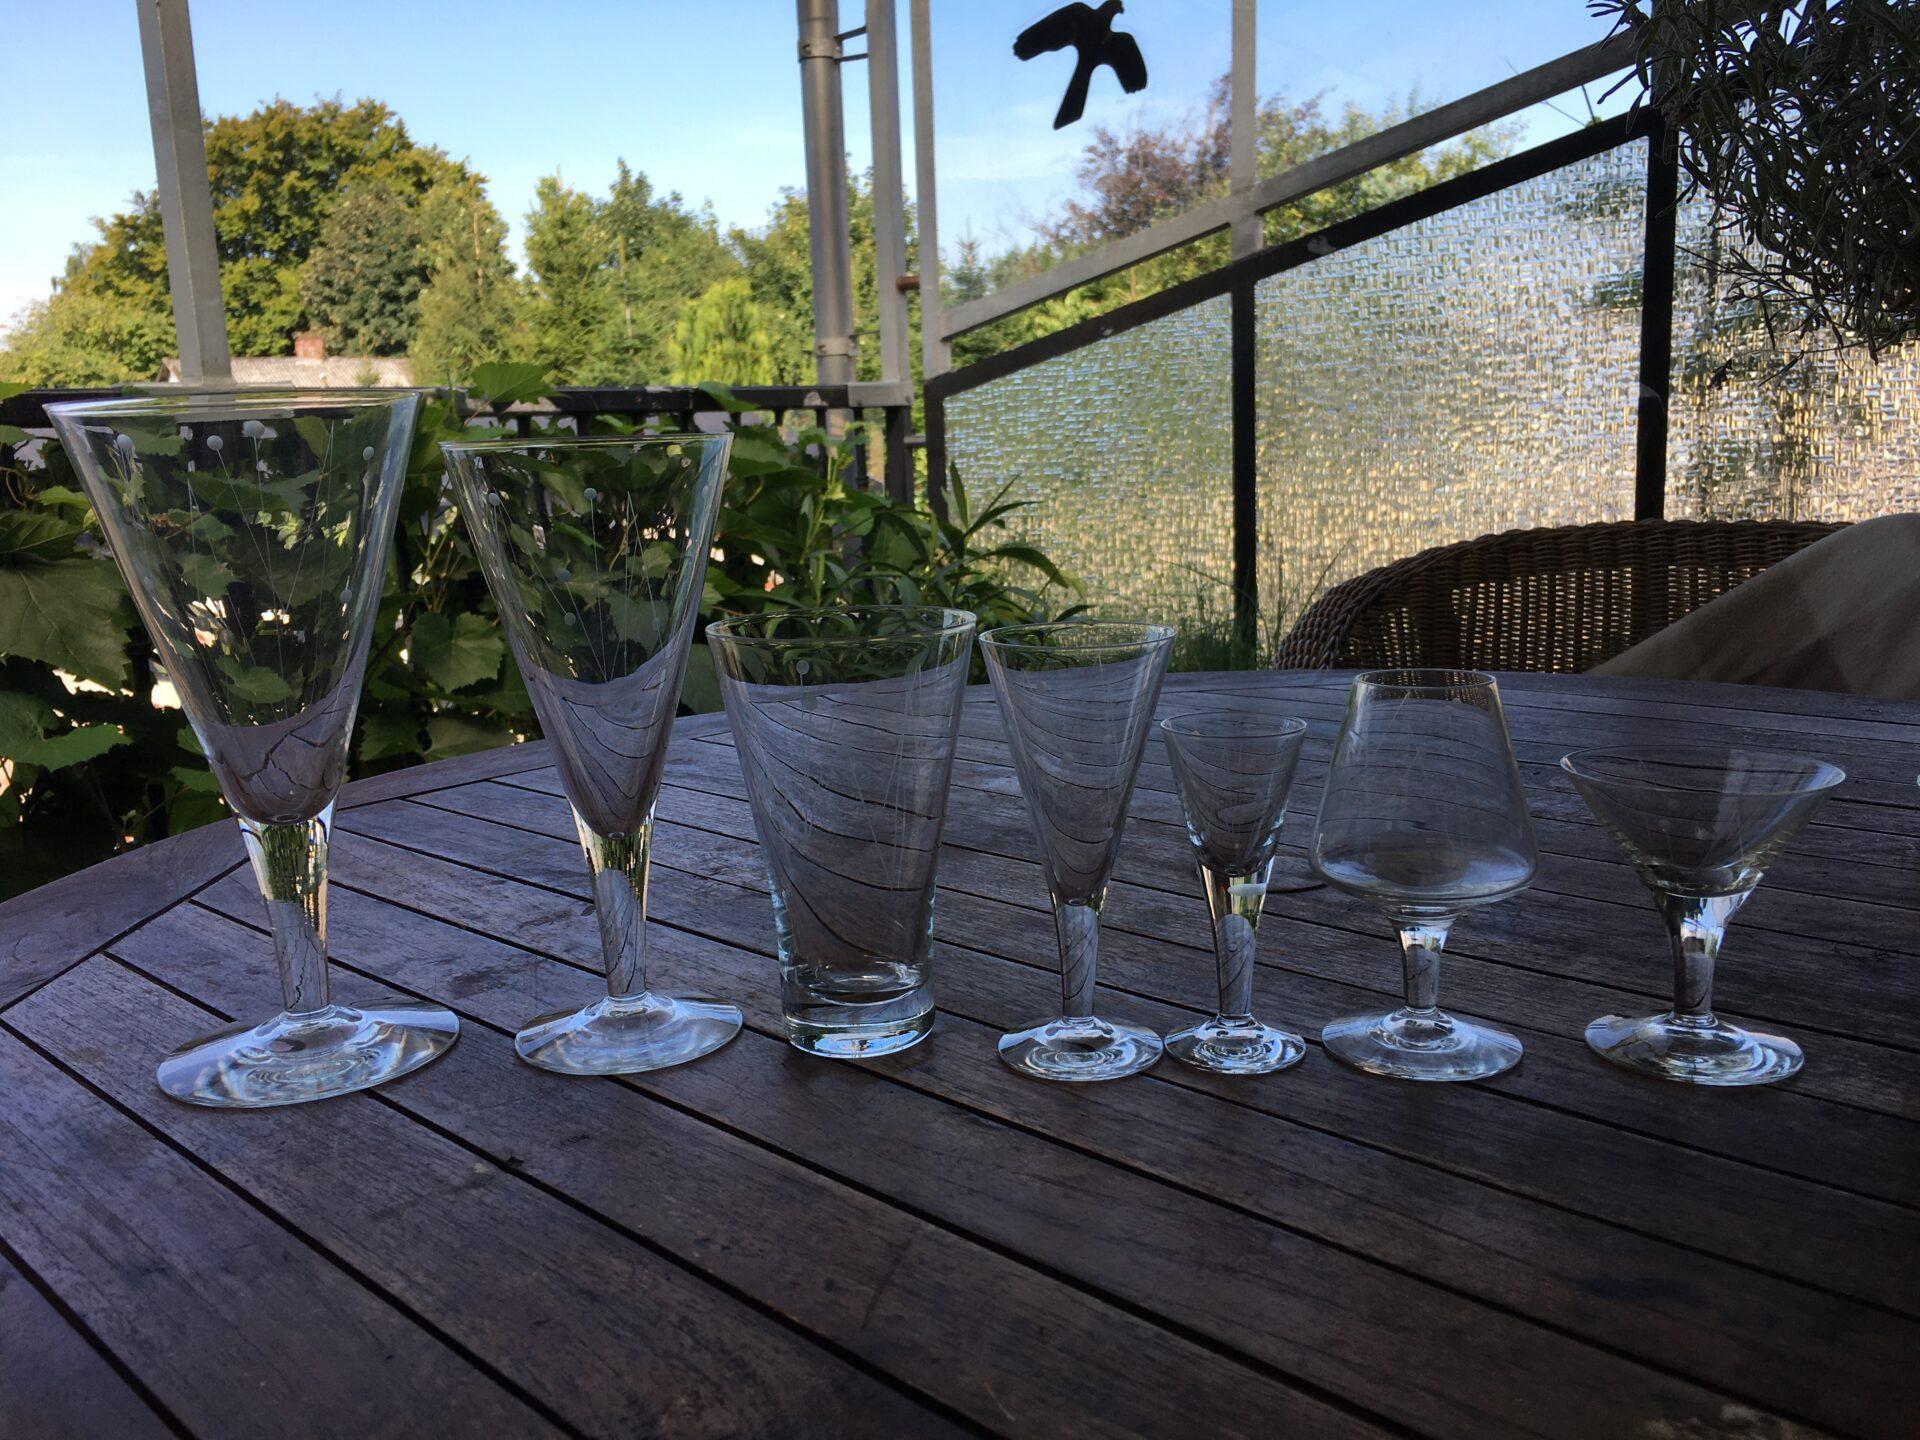 Claushom glas, Pokaler/rødvin/ølglas, h=20,5/18,7/13,0 cm, pris 100/50/50 kr. Øvrige pr stk 25 kr